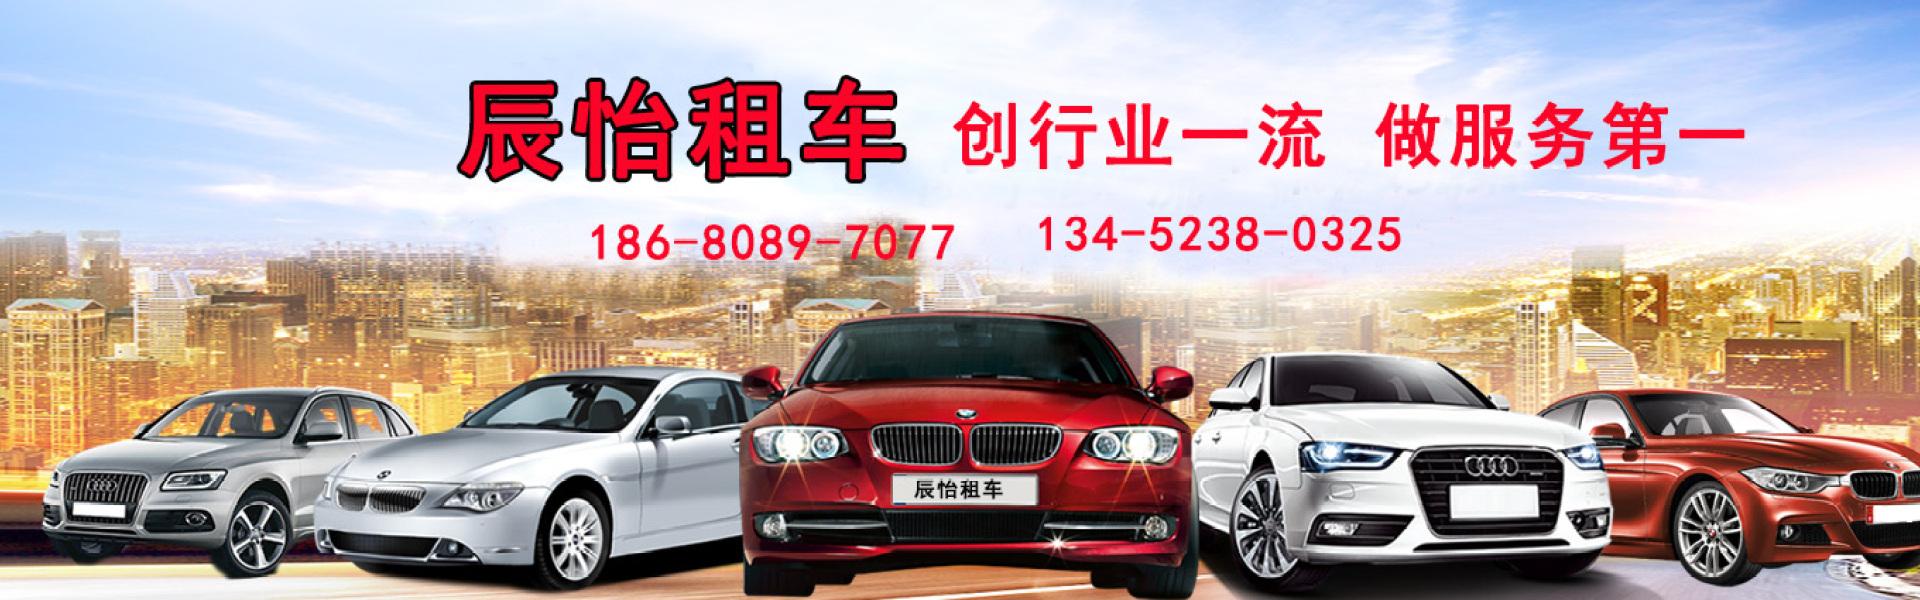 辰怡租车创行业一流、做服务第一。租车热线:186-8089-7077